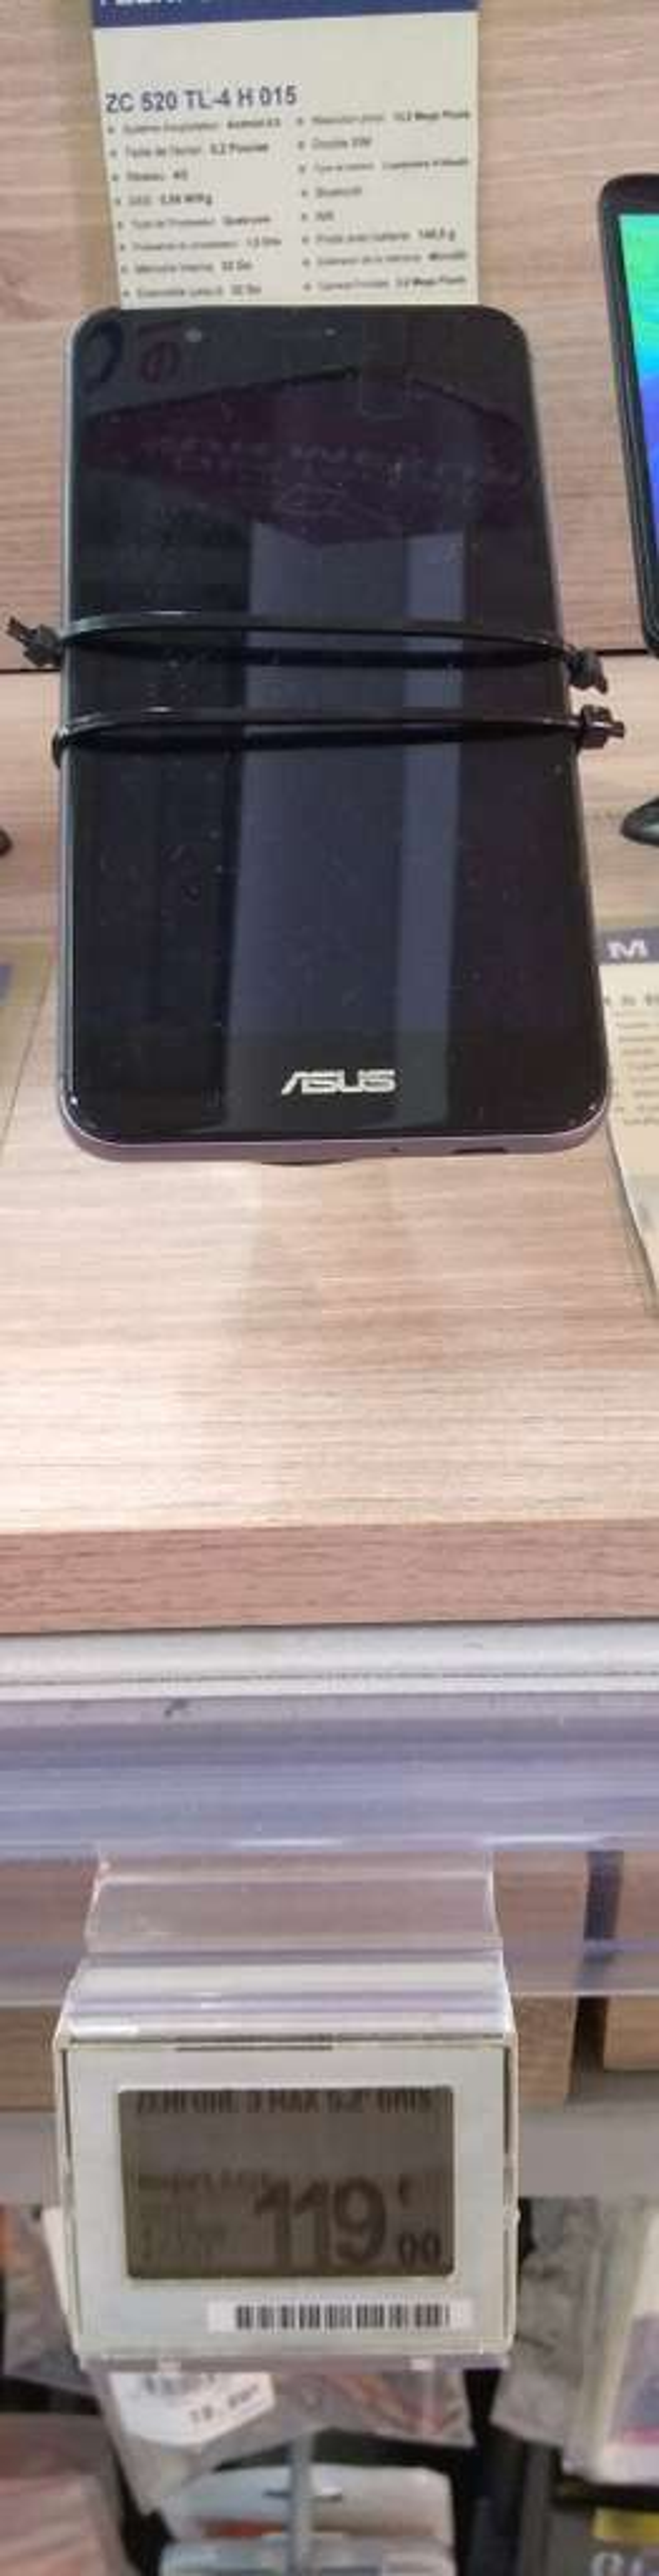 Smartphone 52 Asus Zenfone 3 Max Gris